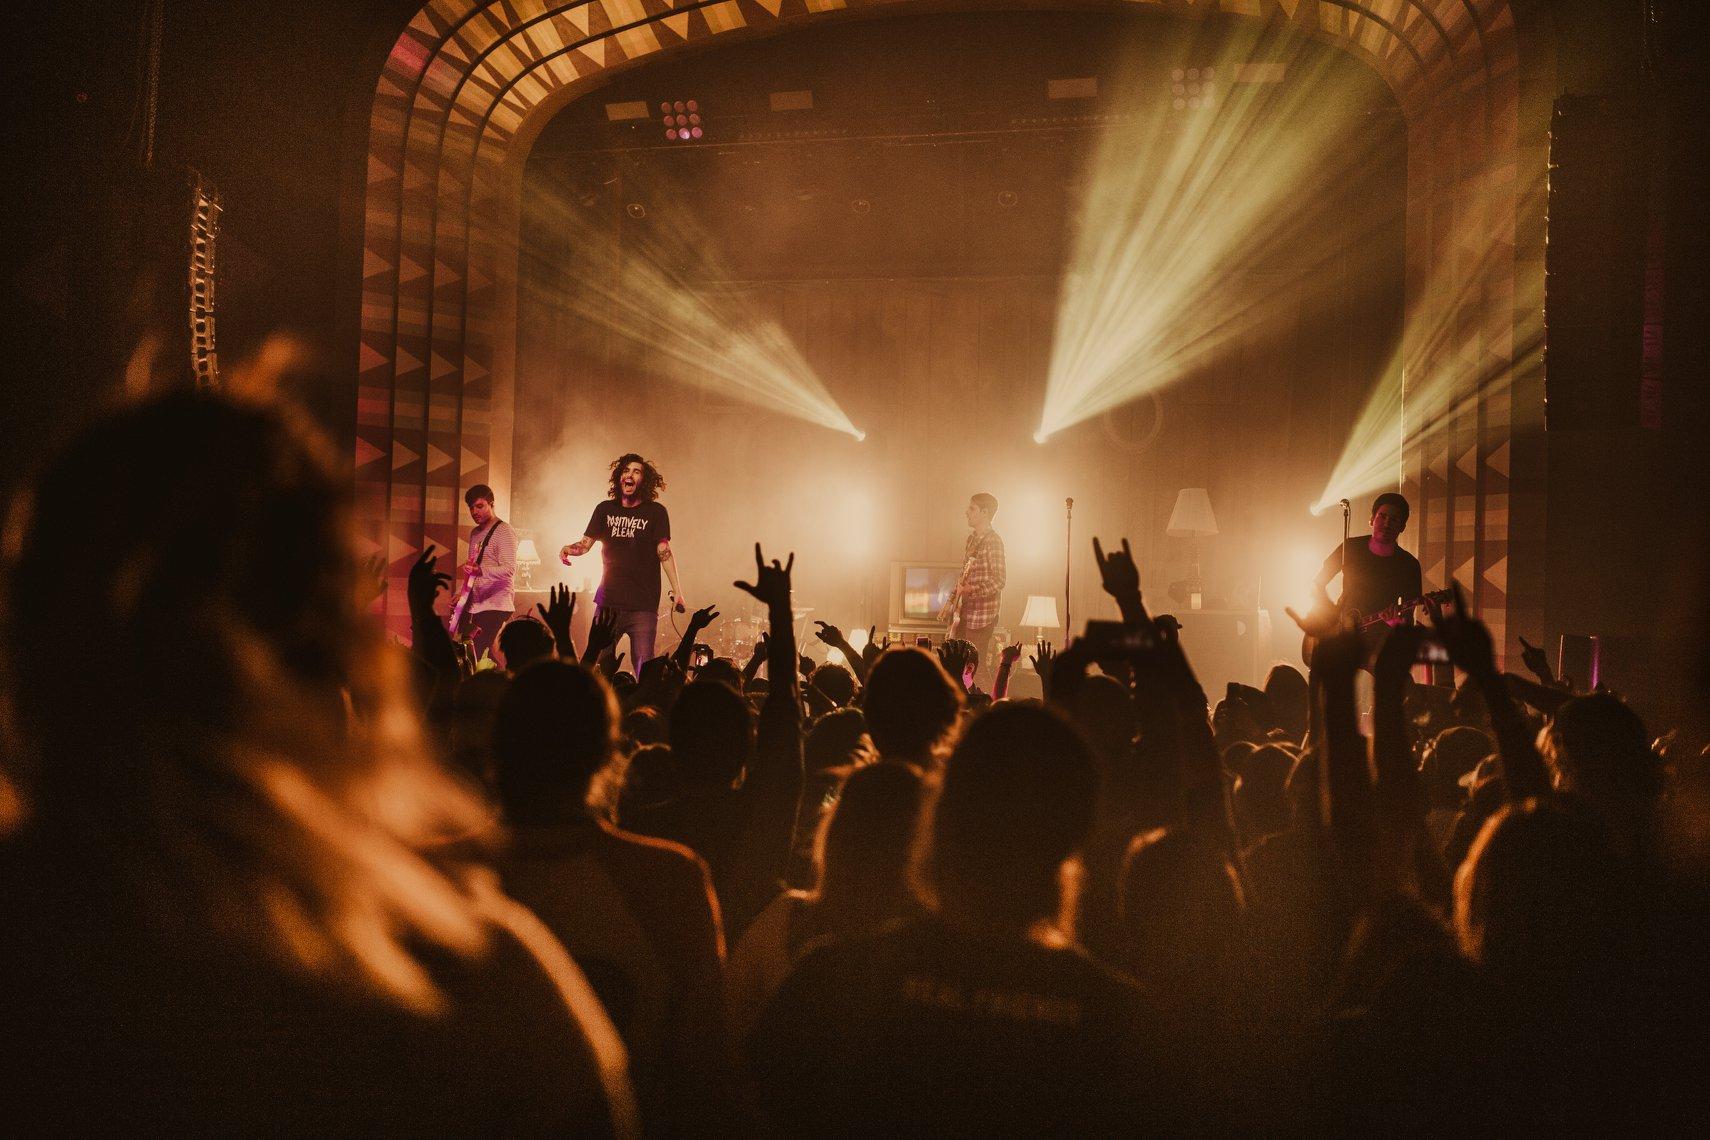 REAL FRIENDSTocará en el Foro Alicia, Real Friends, happy punk, pop punk, Foro Alicia, May Sunday, concierto